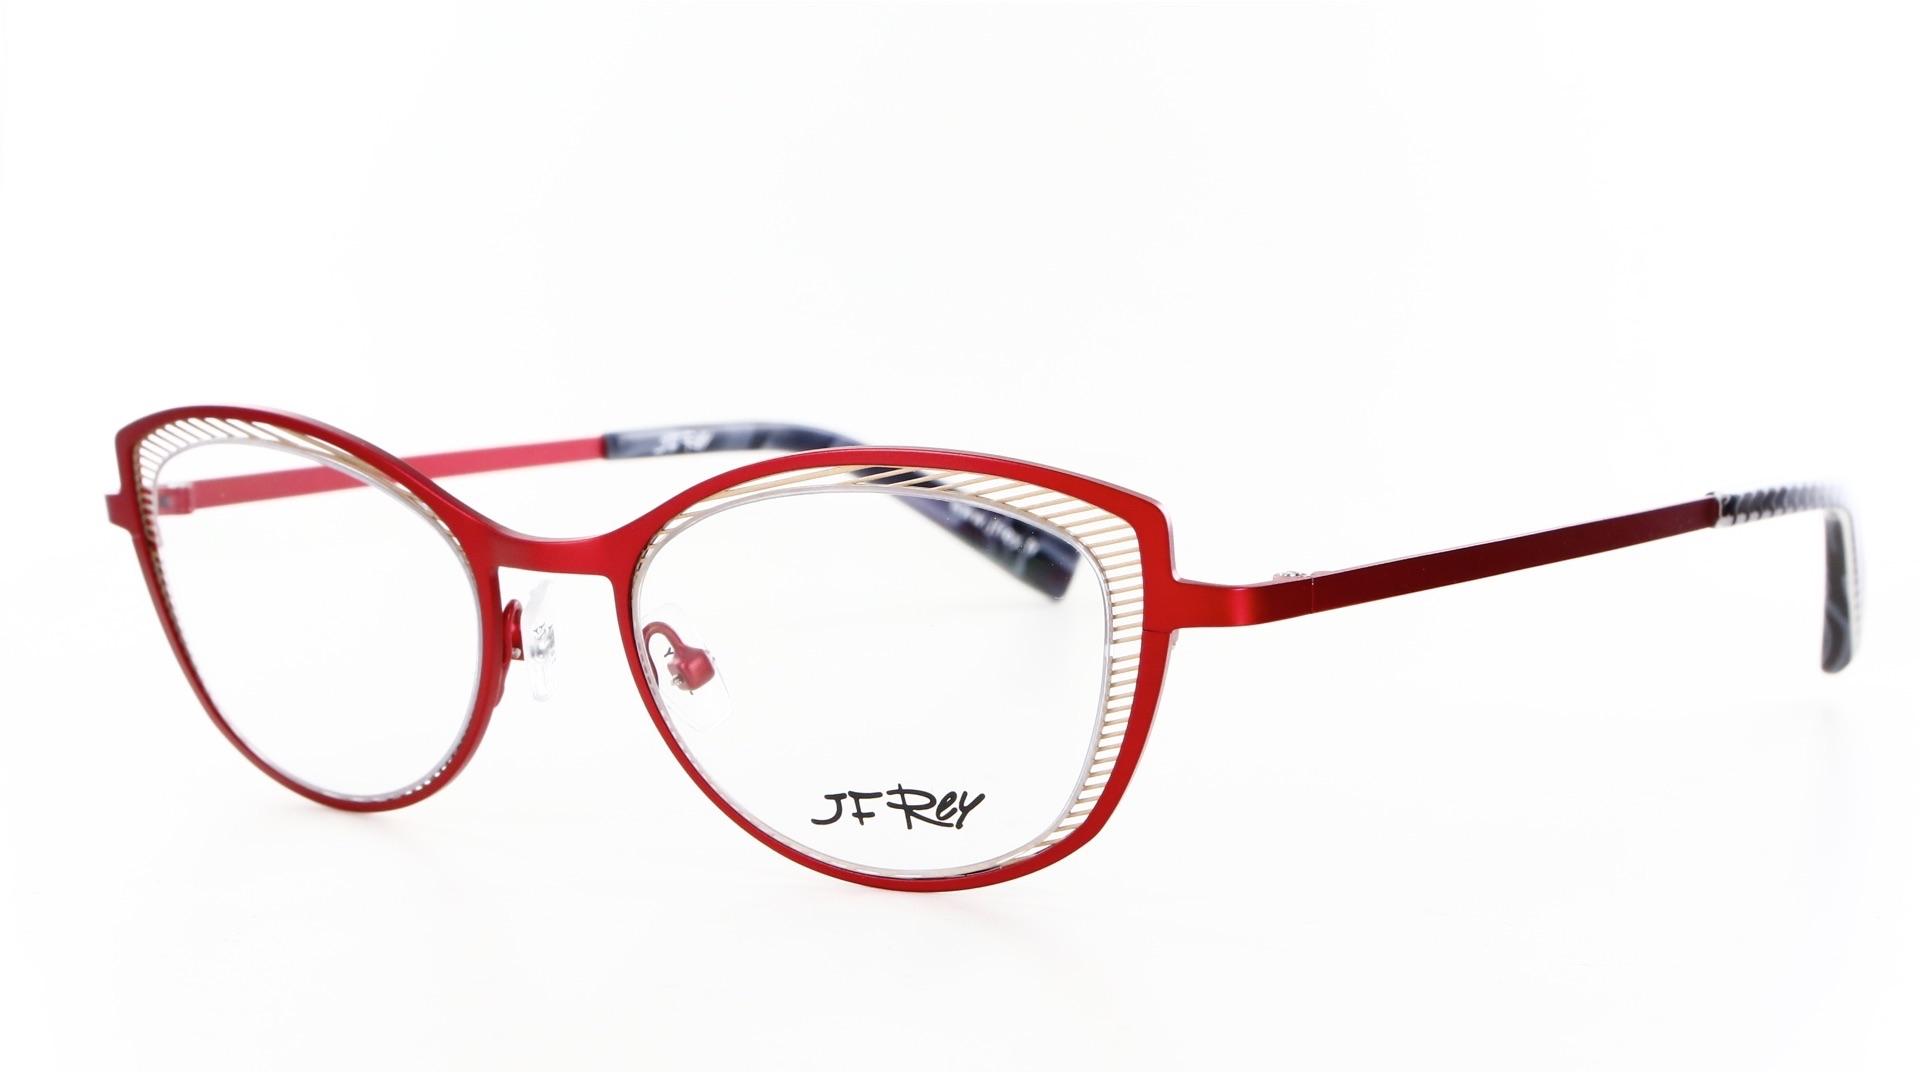 J.F. Rey - ref: 77712